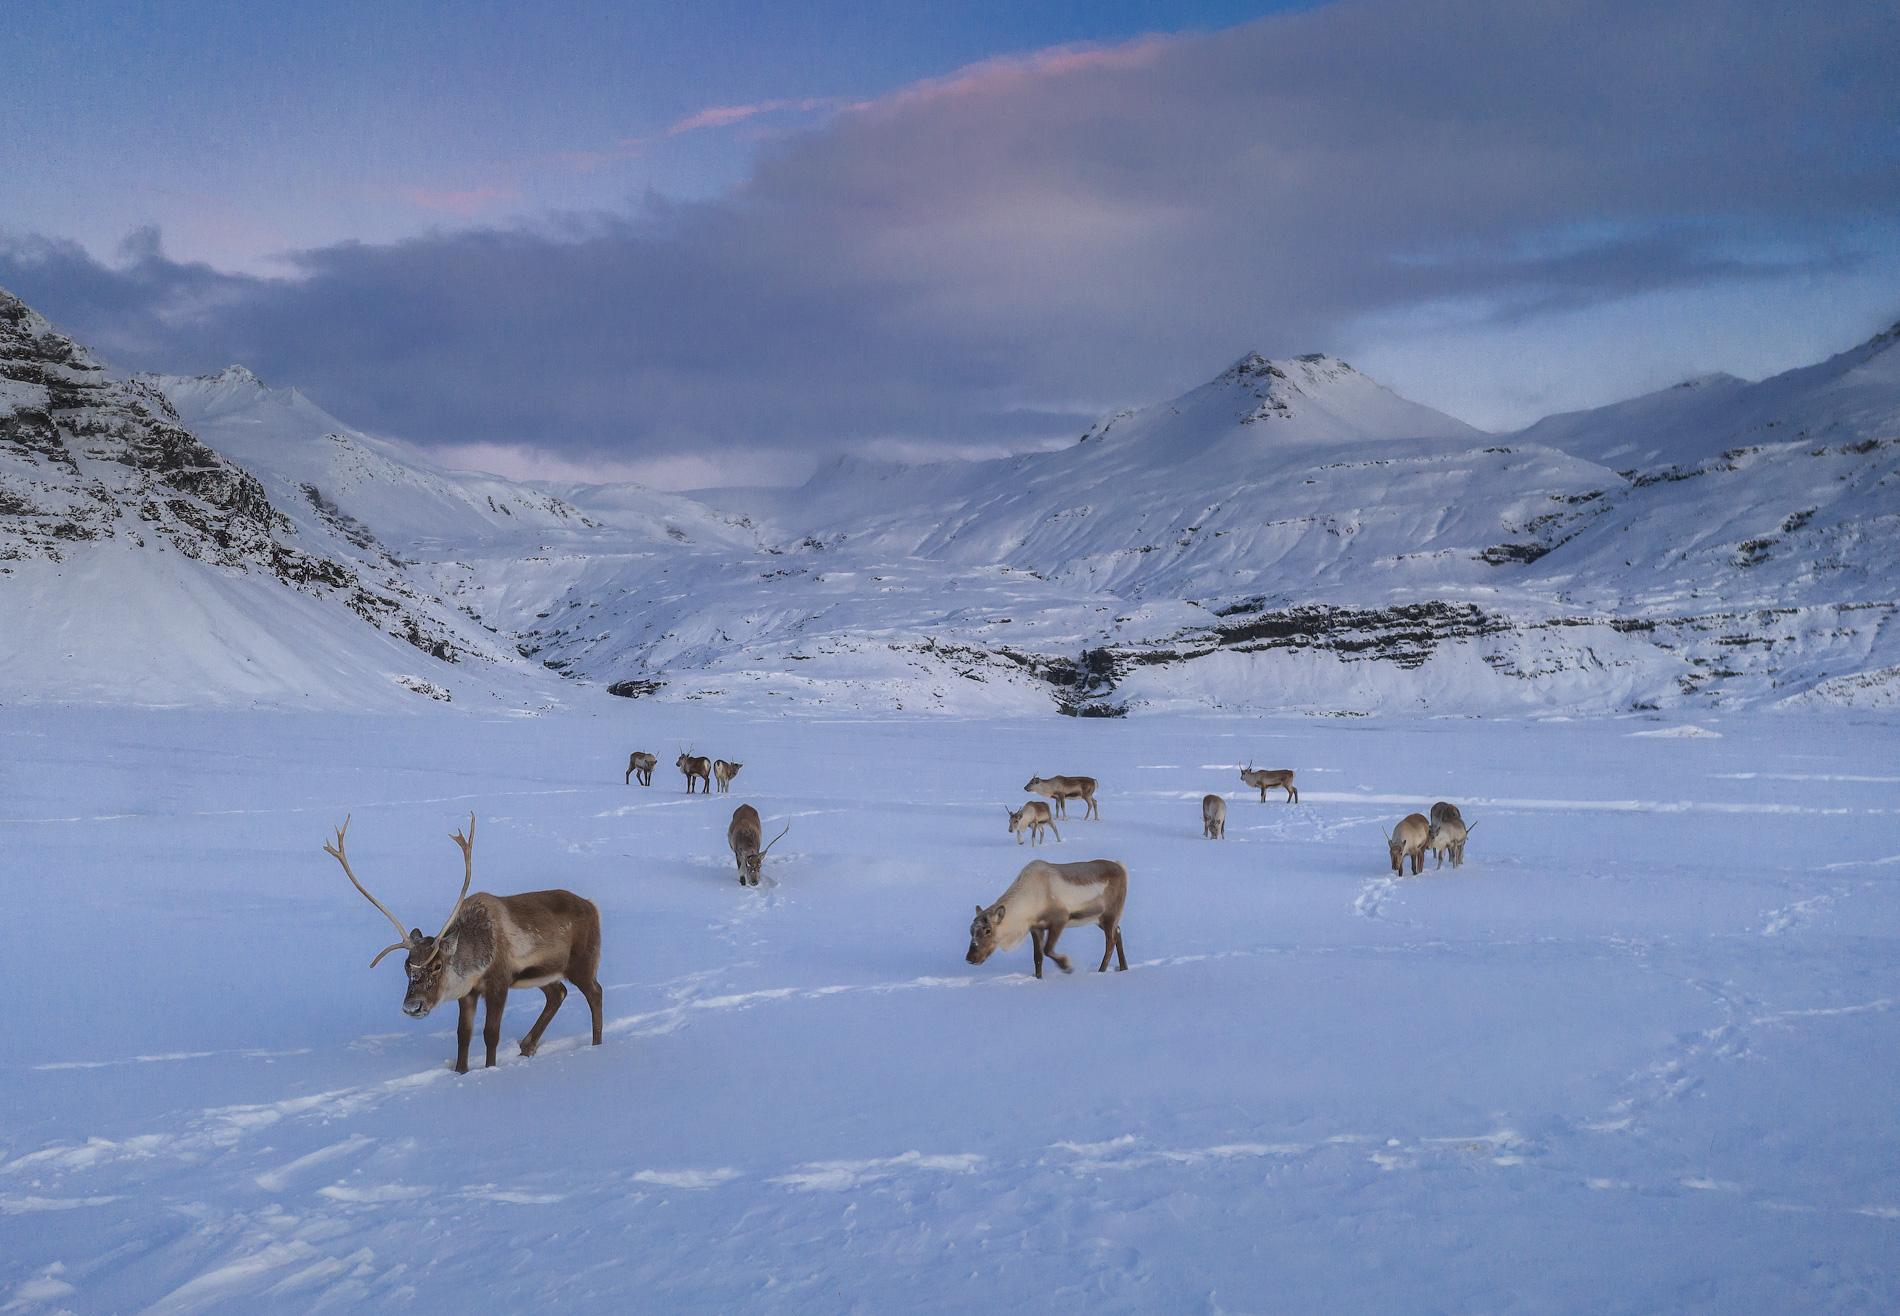 11-дневный зимний мастер-класс по ландшафтной фотографии в Исландии - day 6